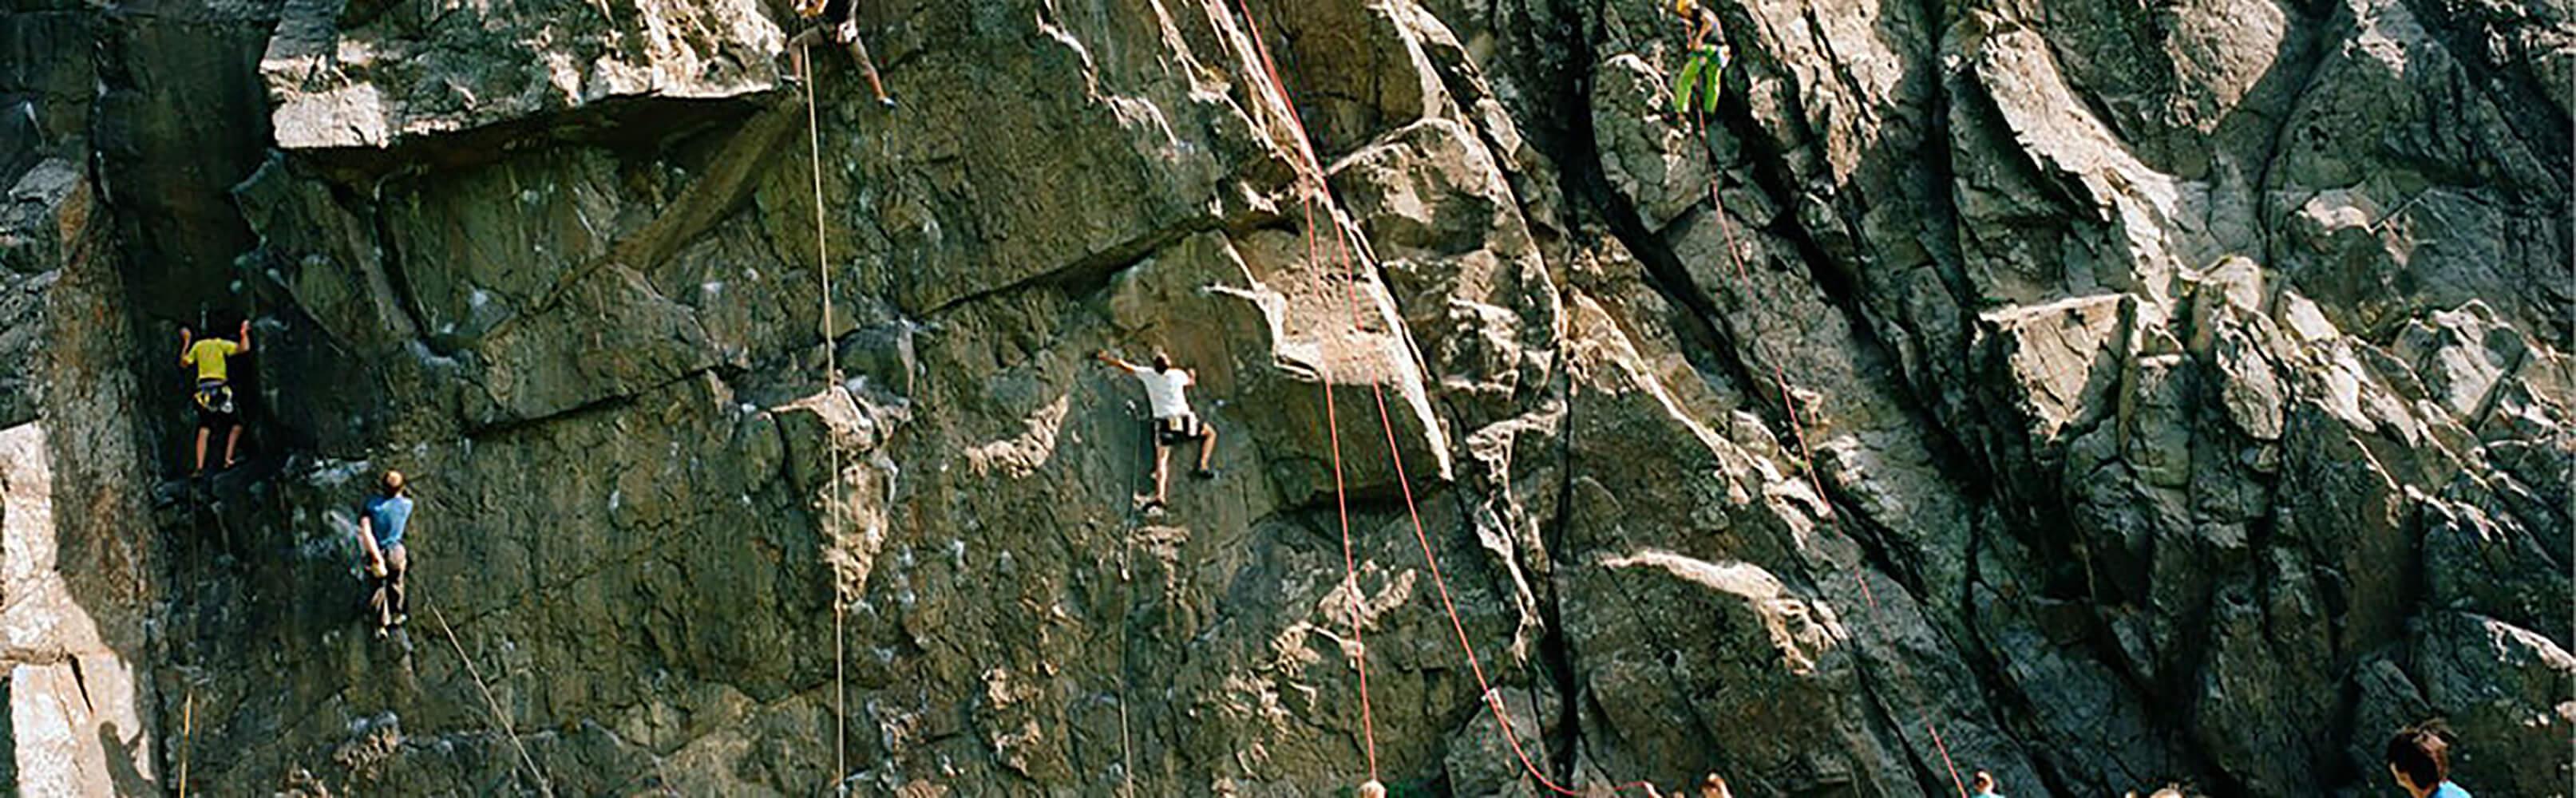 Abenteuer erleben und Berge entdecken mit Family Tirol 1